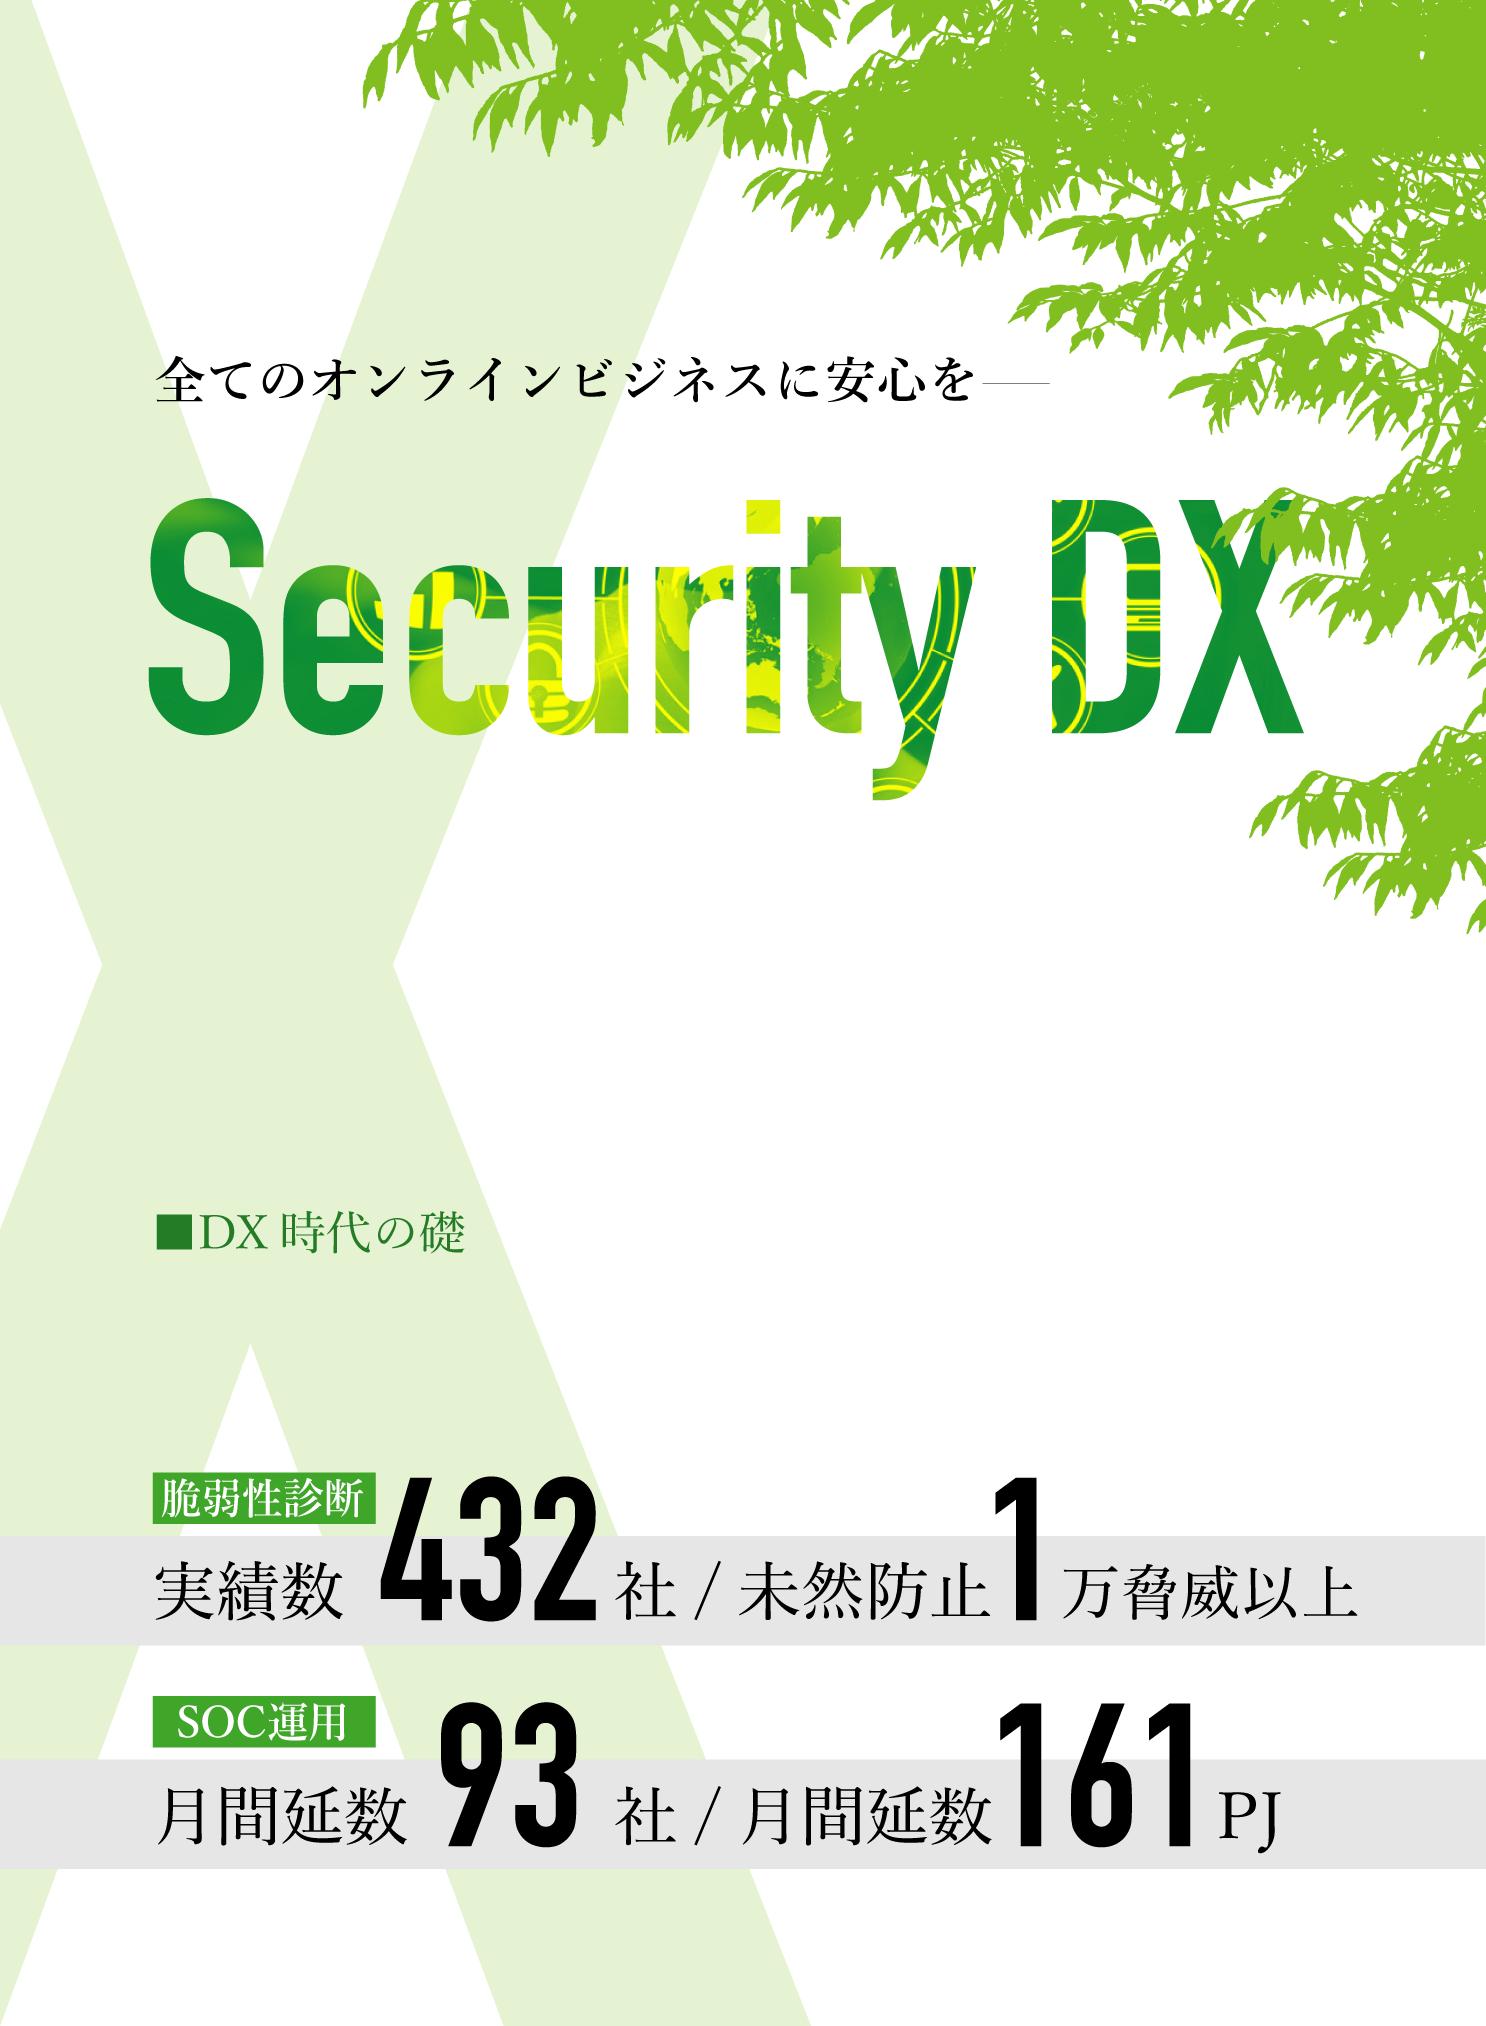 全てのオンラインビジネスに安心を − SECURITY DX